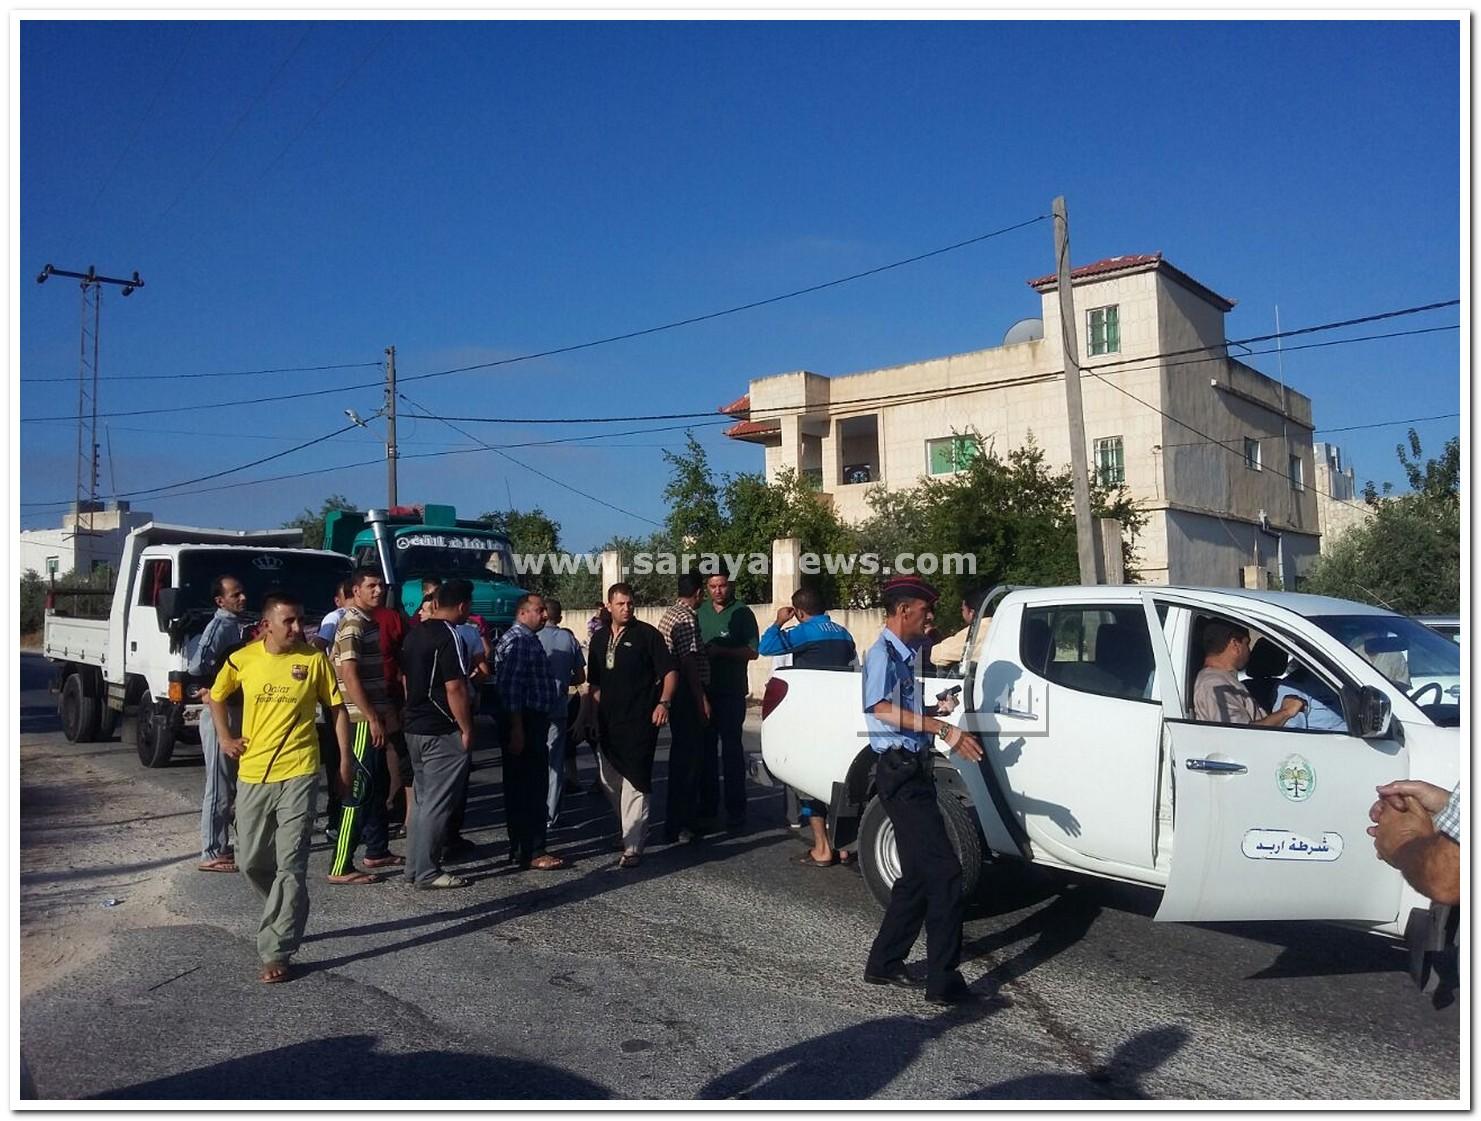 """اربد : غاضبون يحتجزون مركبات تابعة لمياه اليرموك احتجاجاً على انقطاع المياه منذ أشهر في يبلا """"صور"""""""